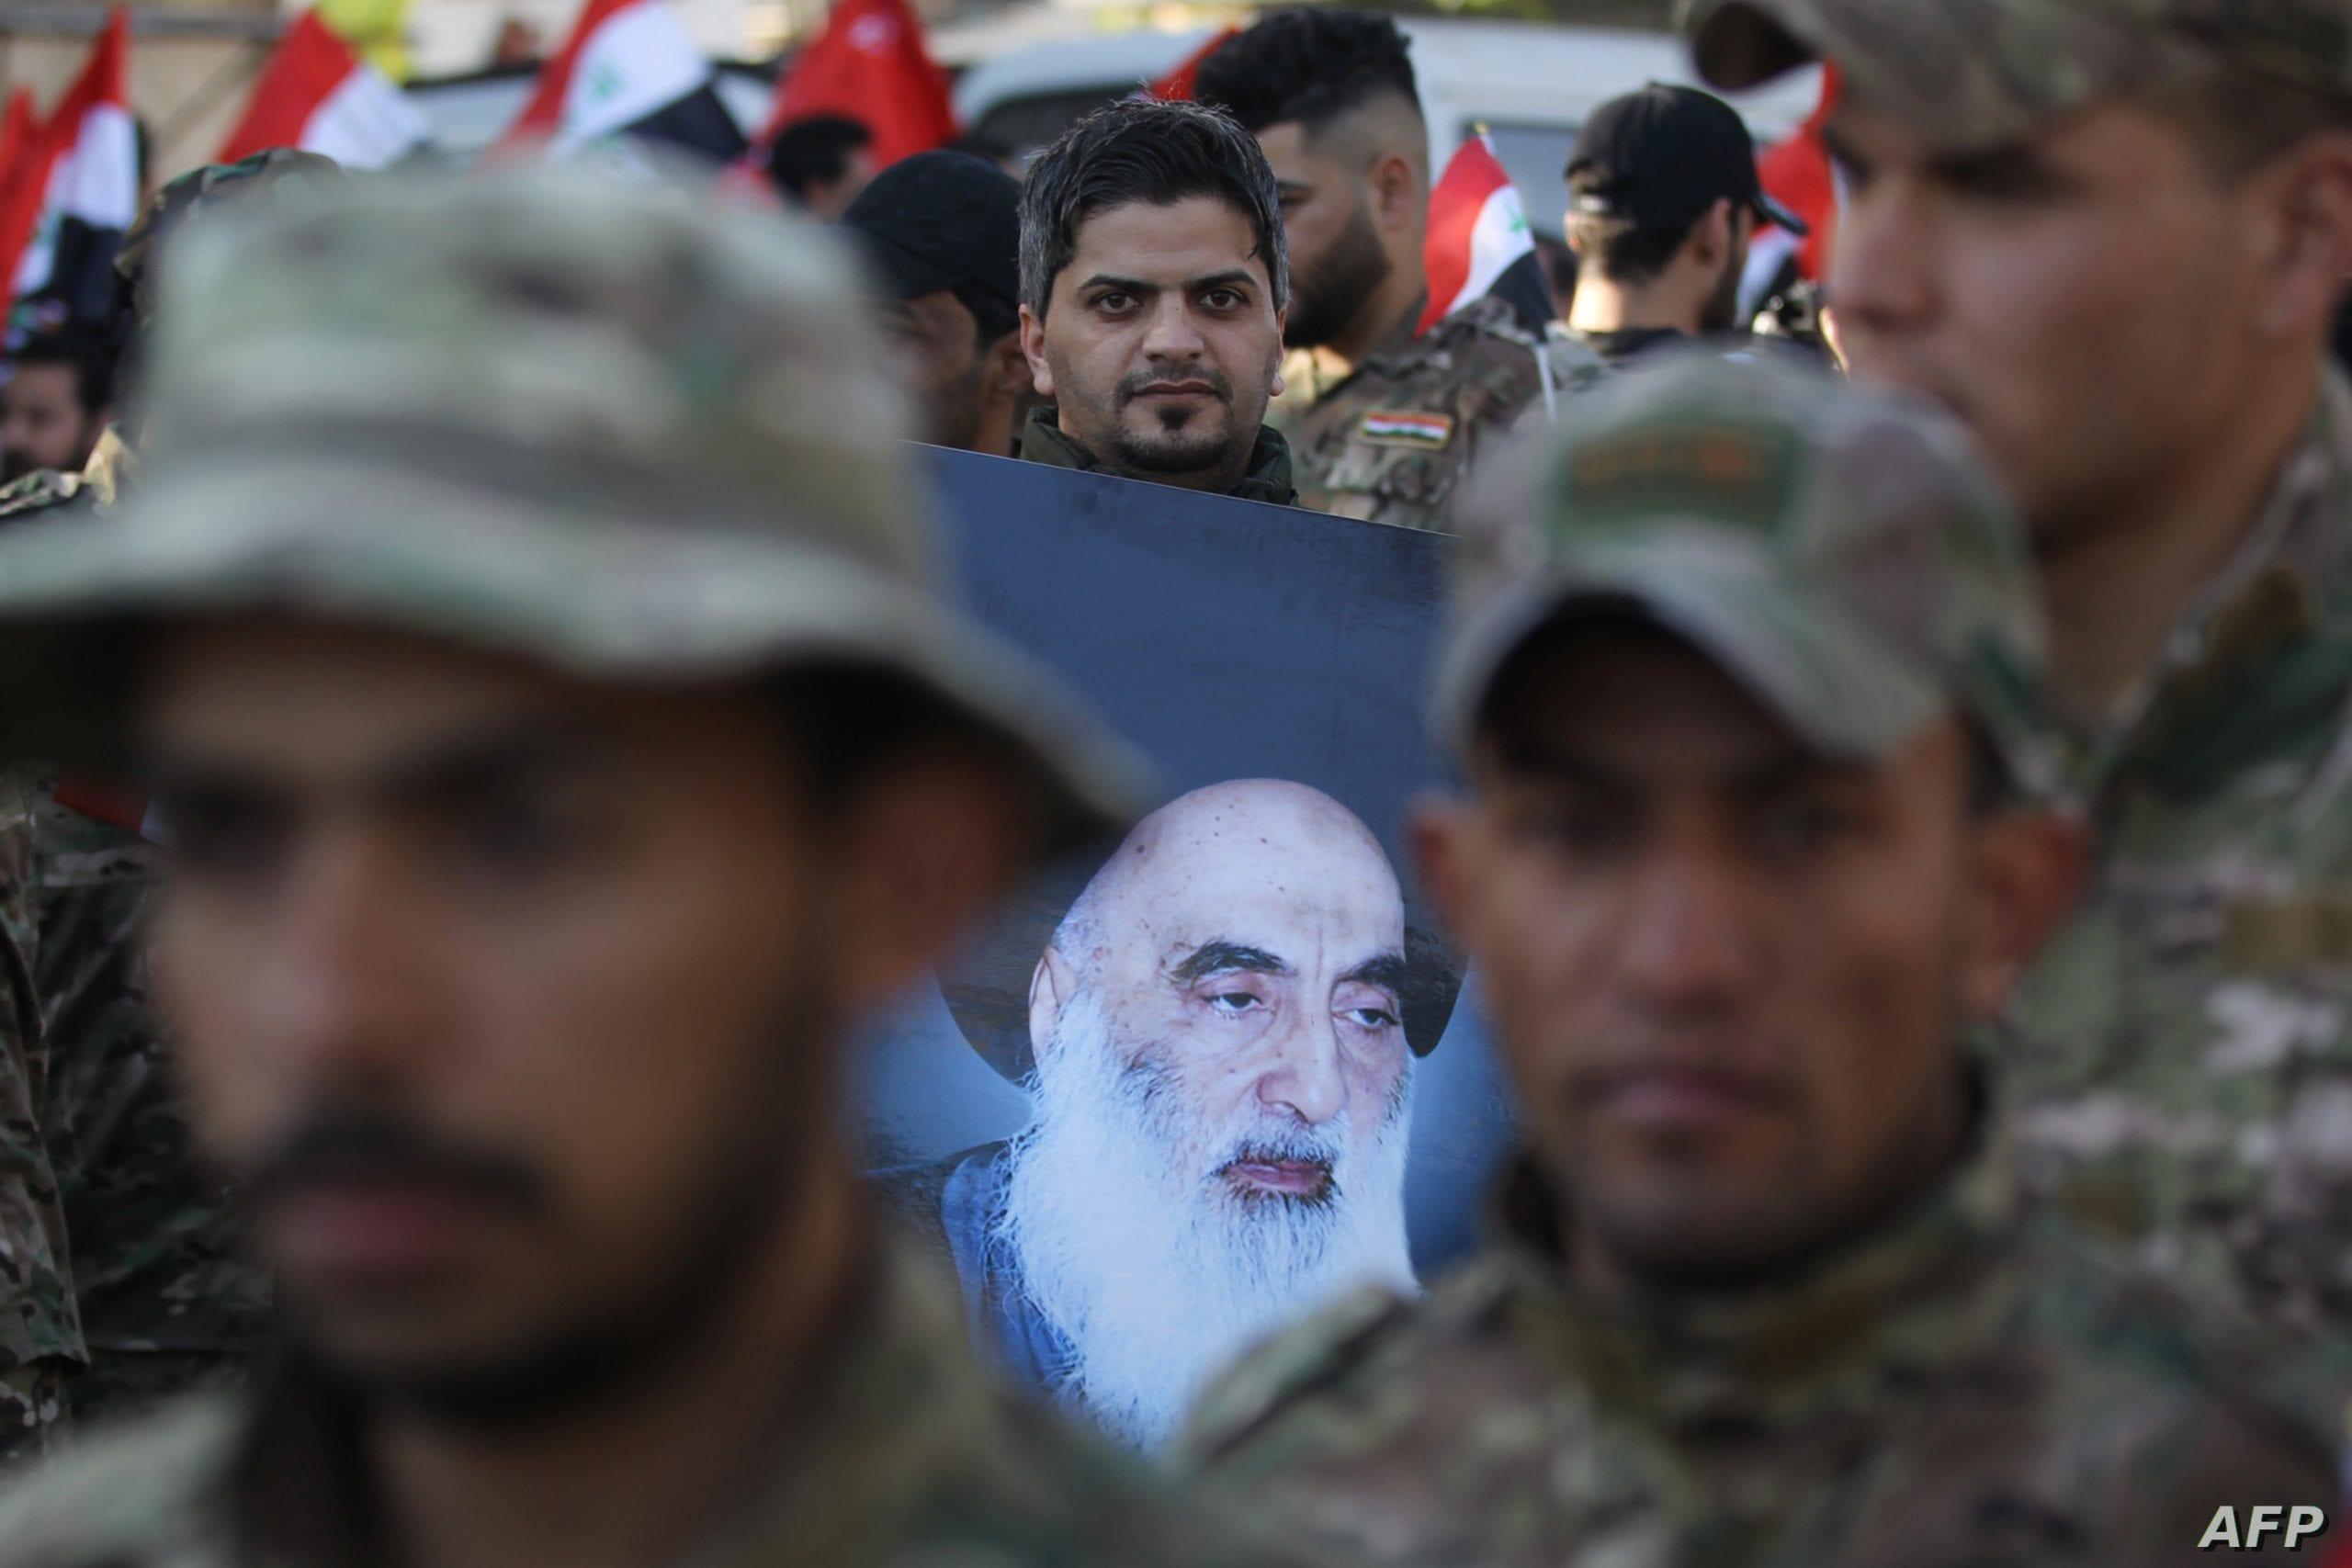 تقرير: السيستاني يدعم الكاظمي لتحجيم أدوار الحشد الشعبي